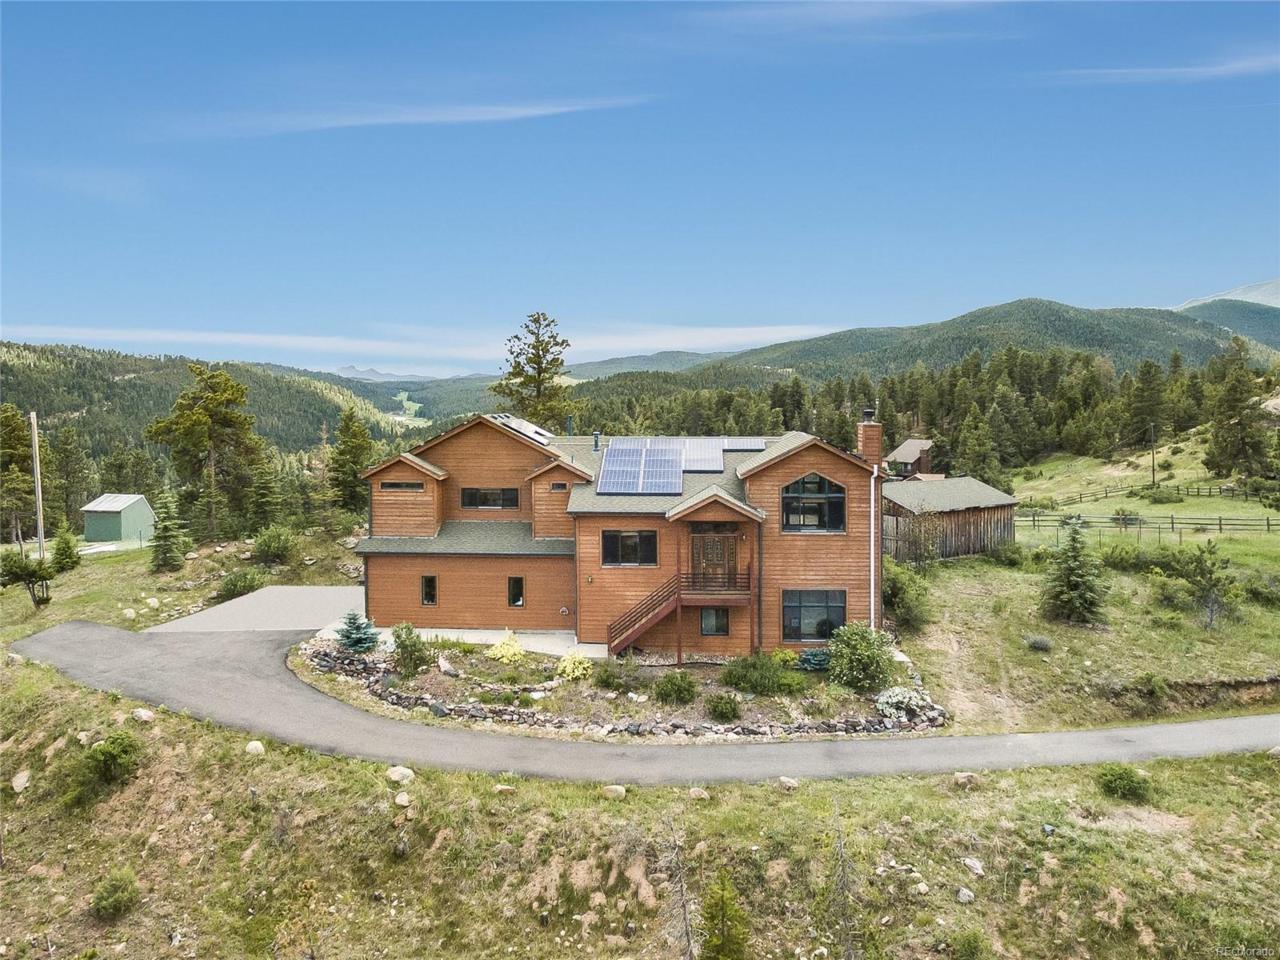 6521 Vera Lane, Evergreen, CO 80439 (MLS #3761092) :: 8z Real Estate